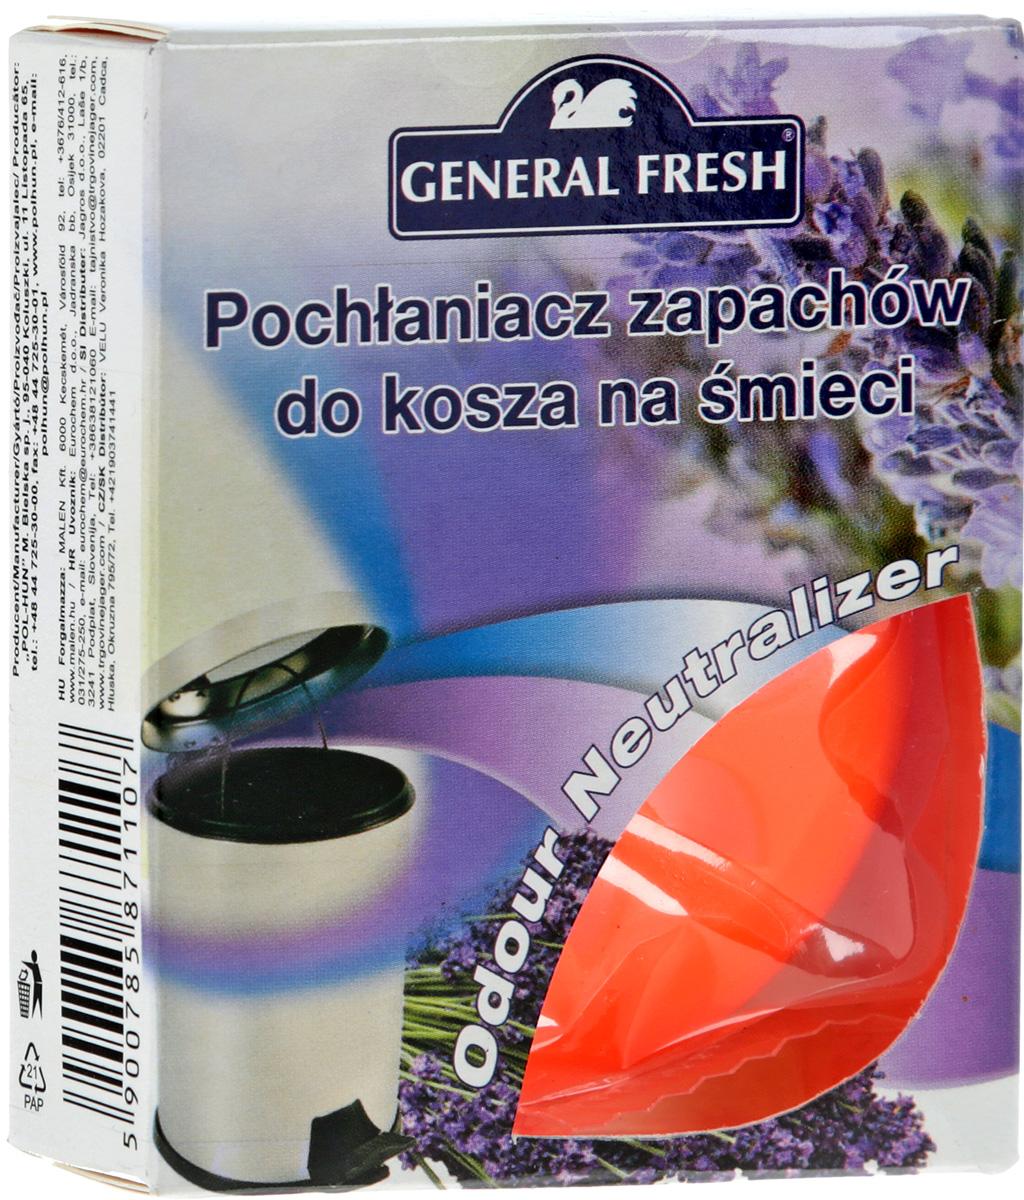 Нейтрализатор запахов General Fresh, для мусорных ведер, с ароматом лаванды587110Нейтрализатор запахов General Fresh, выполненный из пластика, поможет эффективно побороть неприятные запахи из мусорного ведра. Поглотитель запахов для мусорных ведер, в отличие от обычных освежителей, не только маскирует тяжелый запах, но и устраняет его у самого источника, блокируя распространение по другим помещениям в доме.